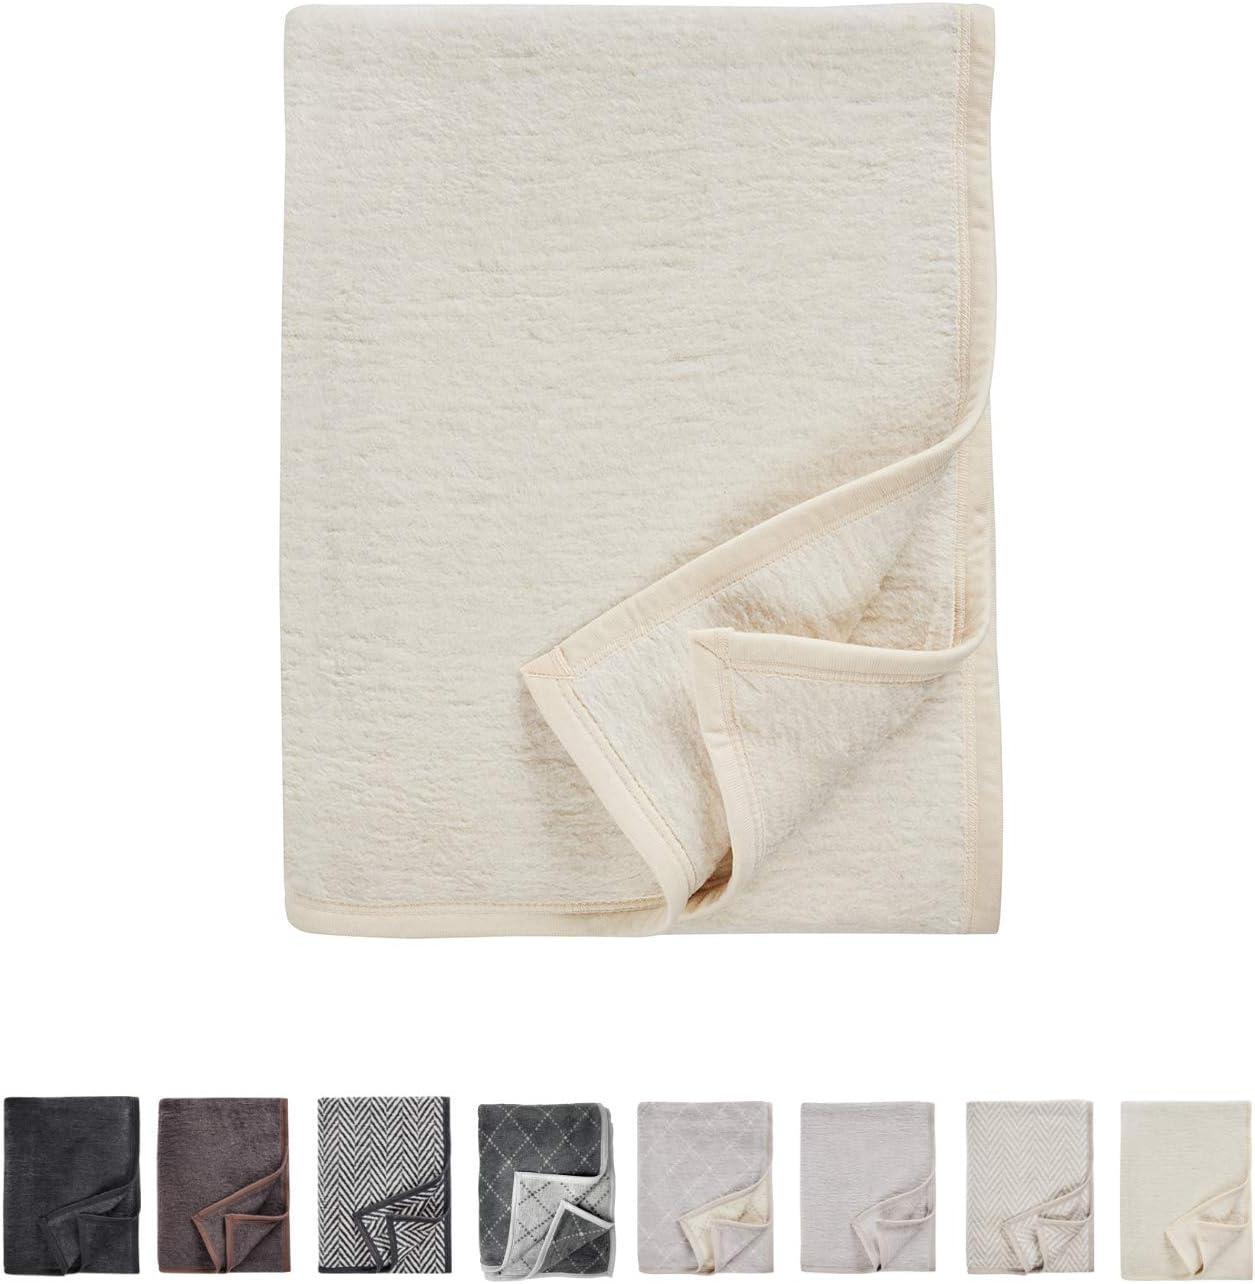 AKION Germany - Manta beige / blanca para descanso y confort - perfecta para sofá o cama de tacto agradable y versátil - 150 x 200 cm